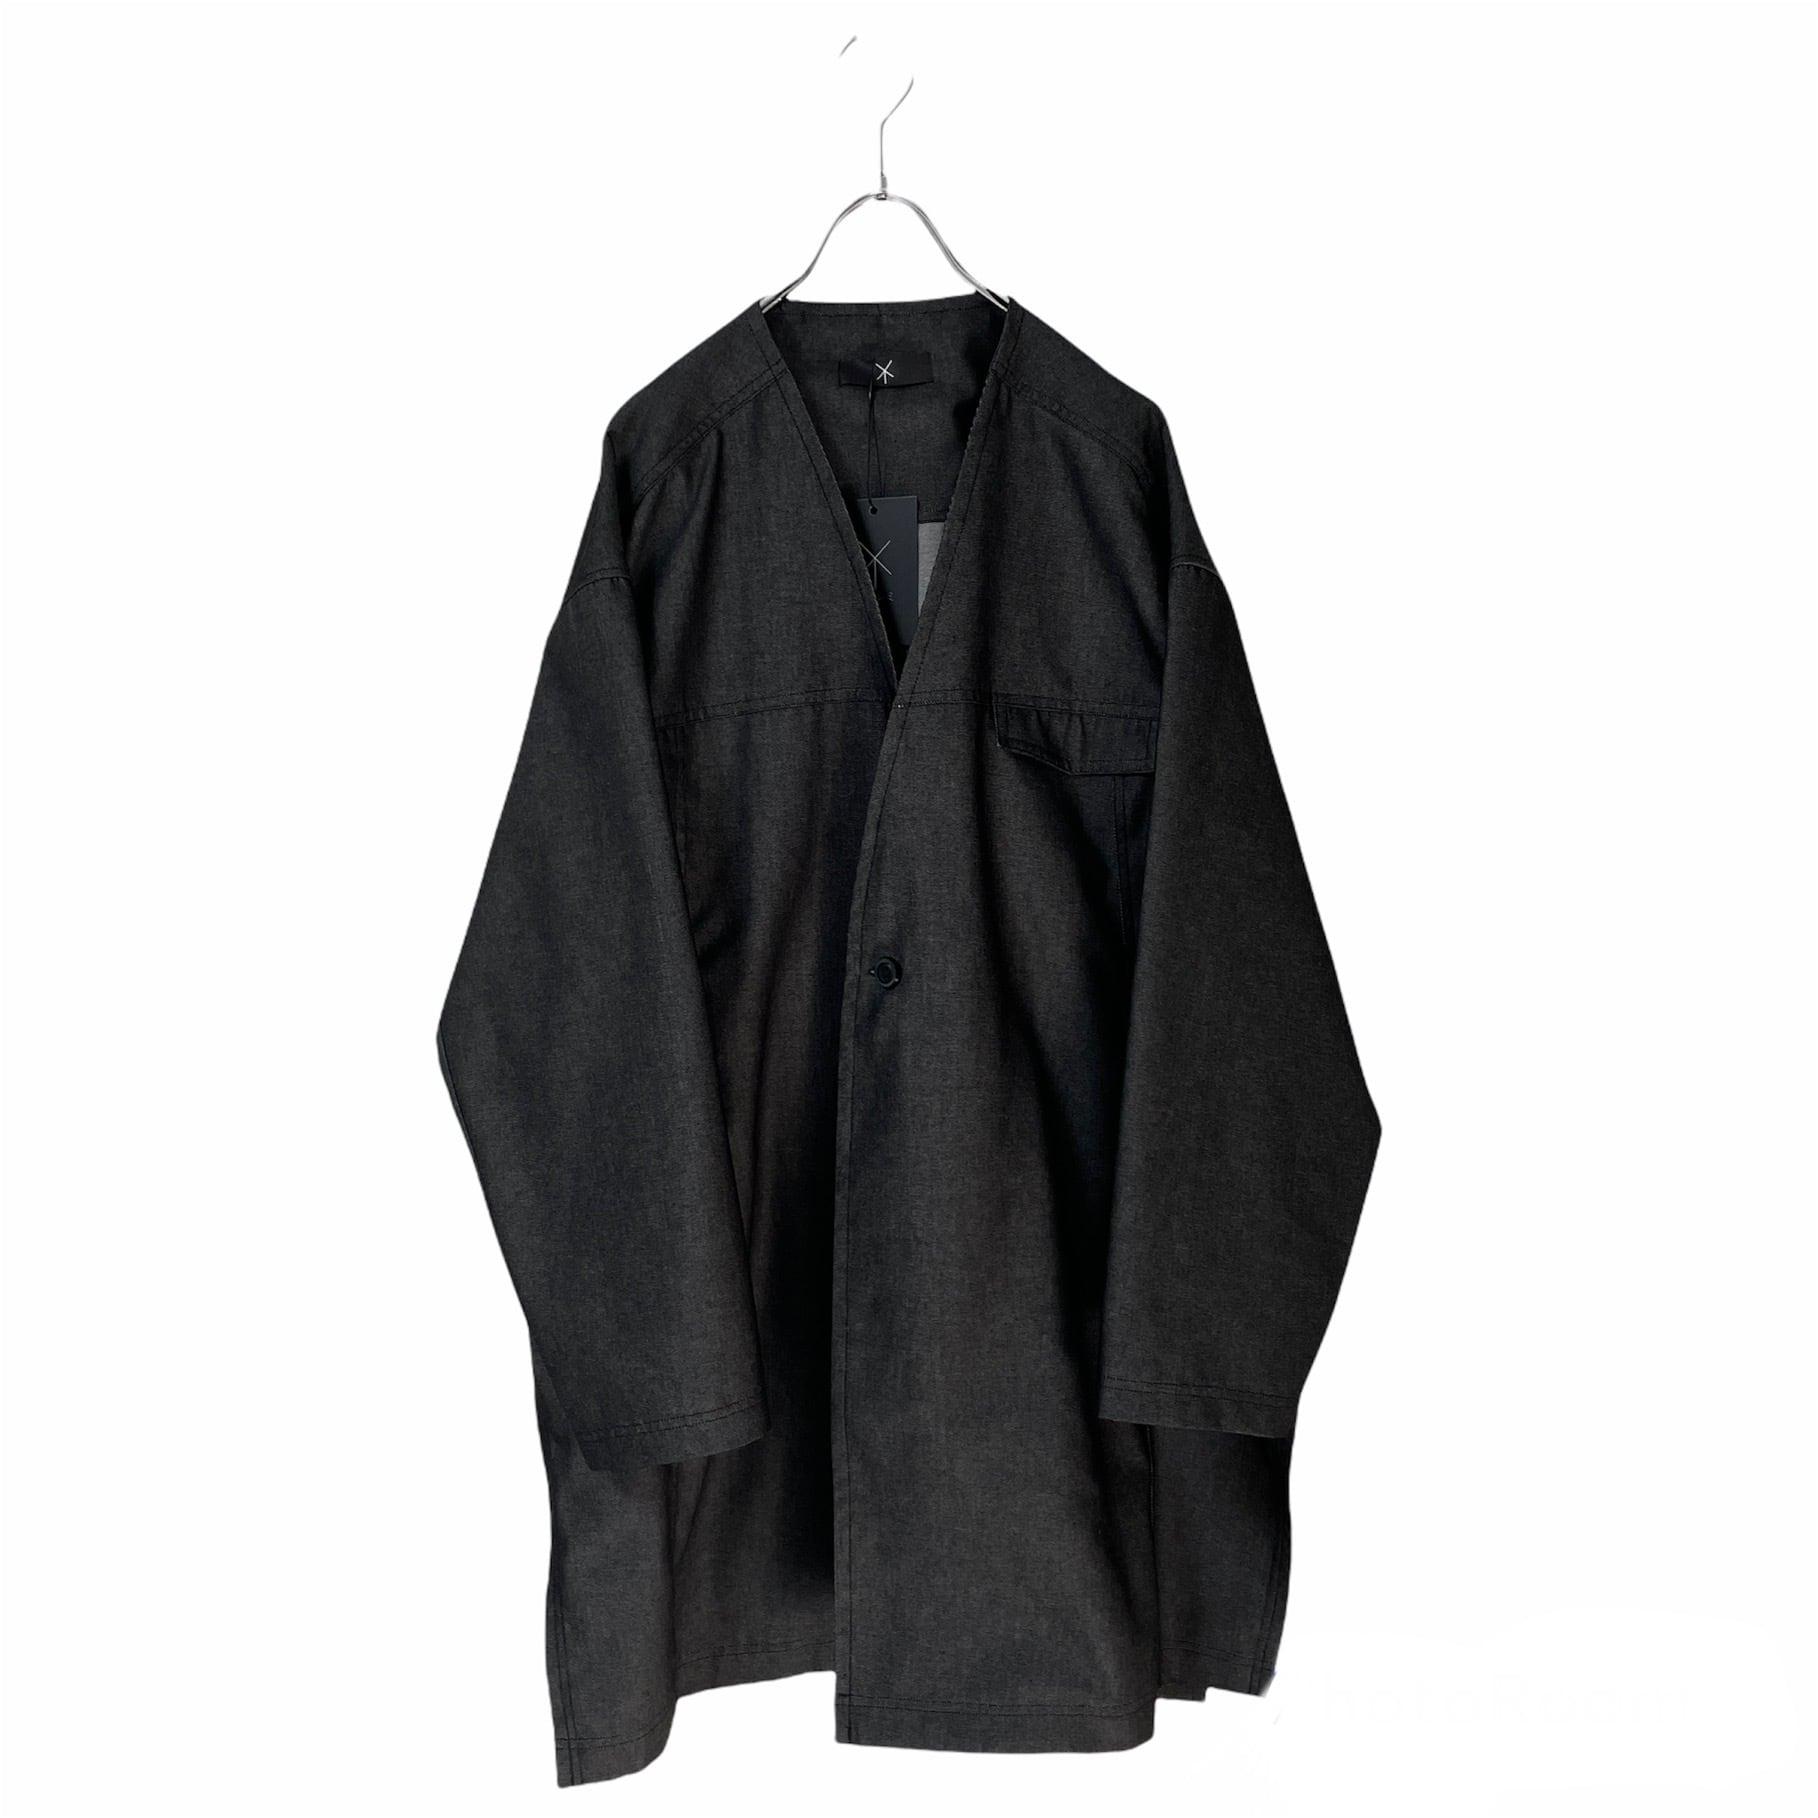 Nocolor-Jacket (black denim)